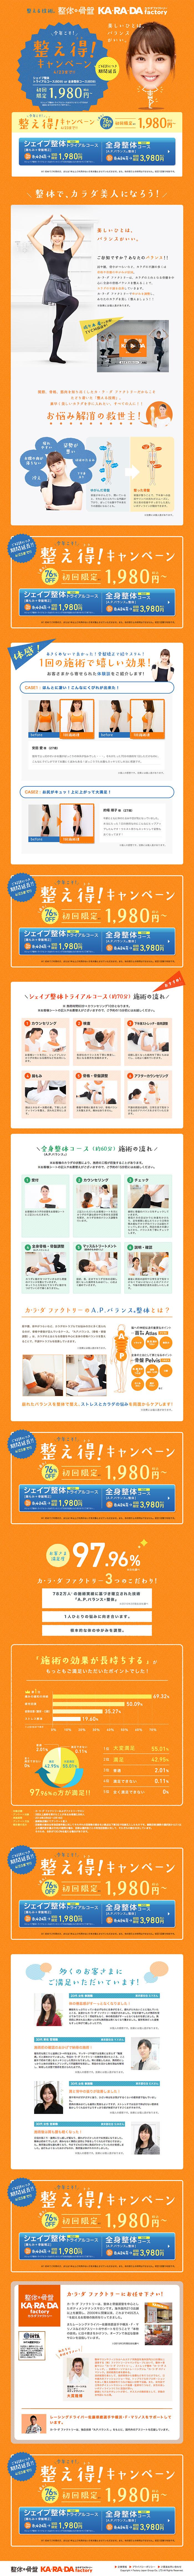 30-www-karada39-com-campaign-ap4-1460820083904